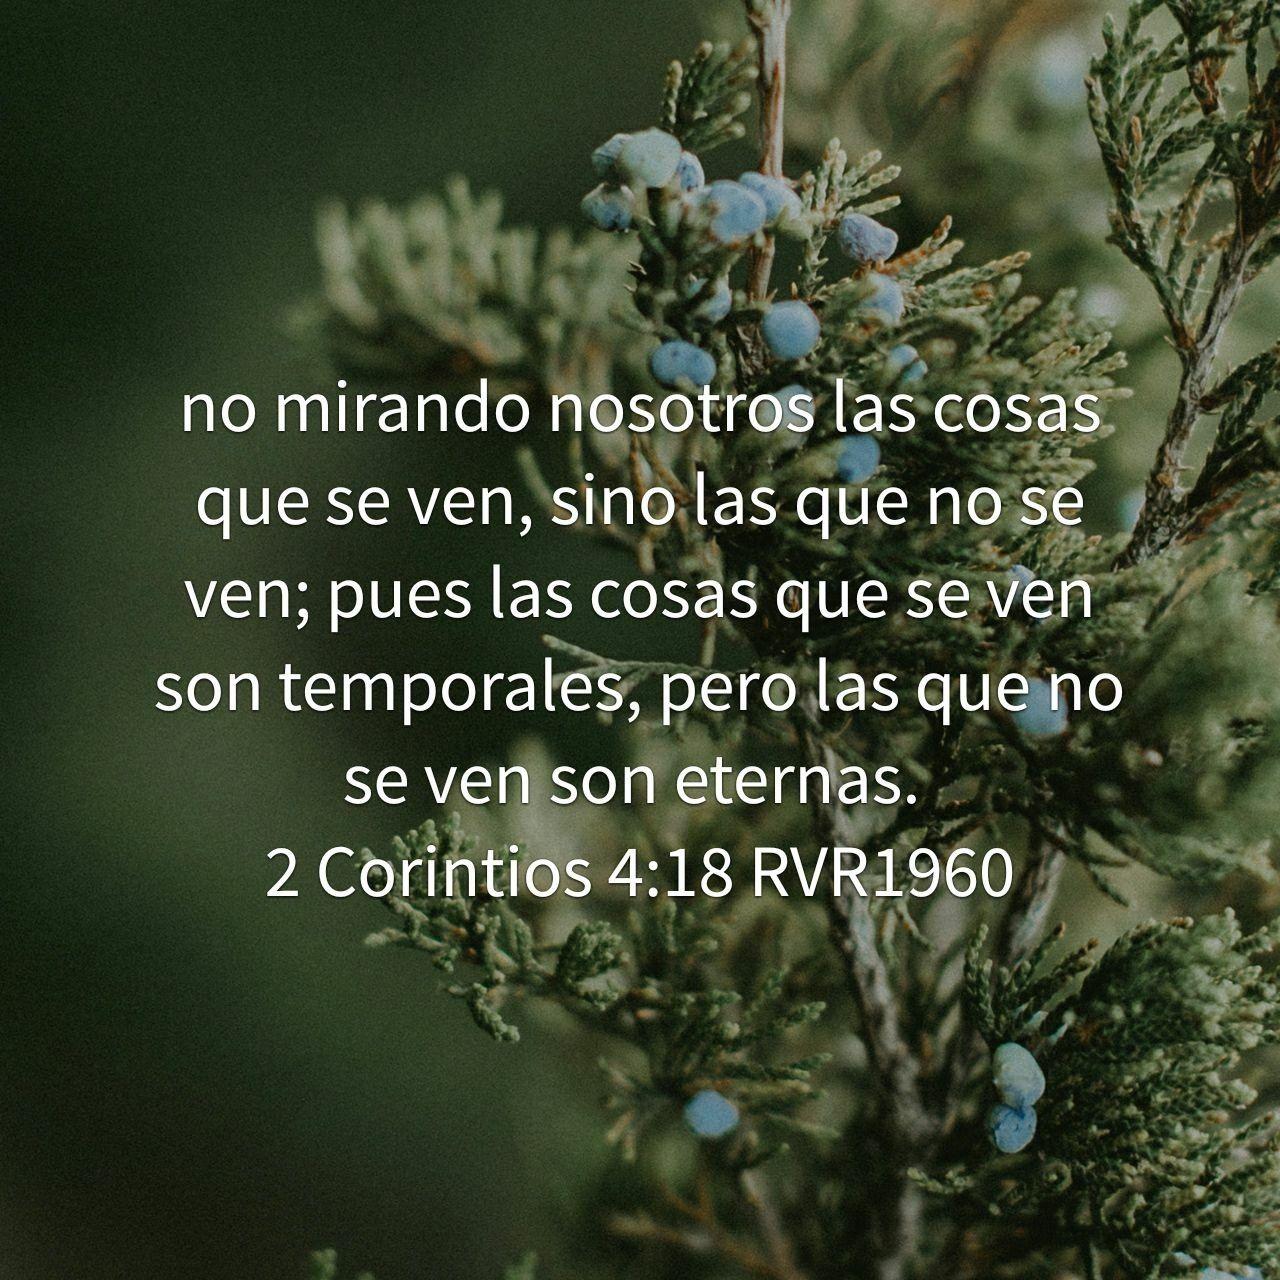 Versiculos De La Biblia De Animo: Pin De Mónica González En Frases El Amor De Dios